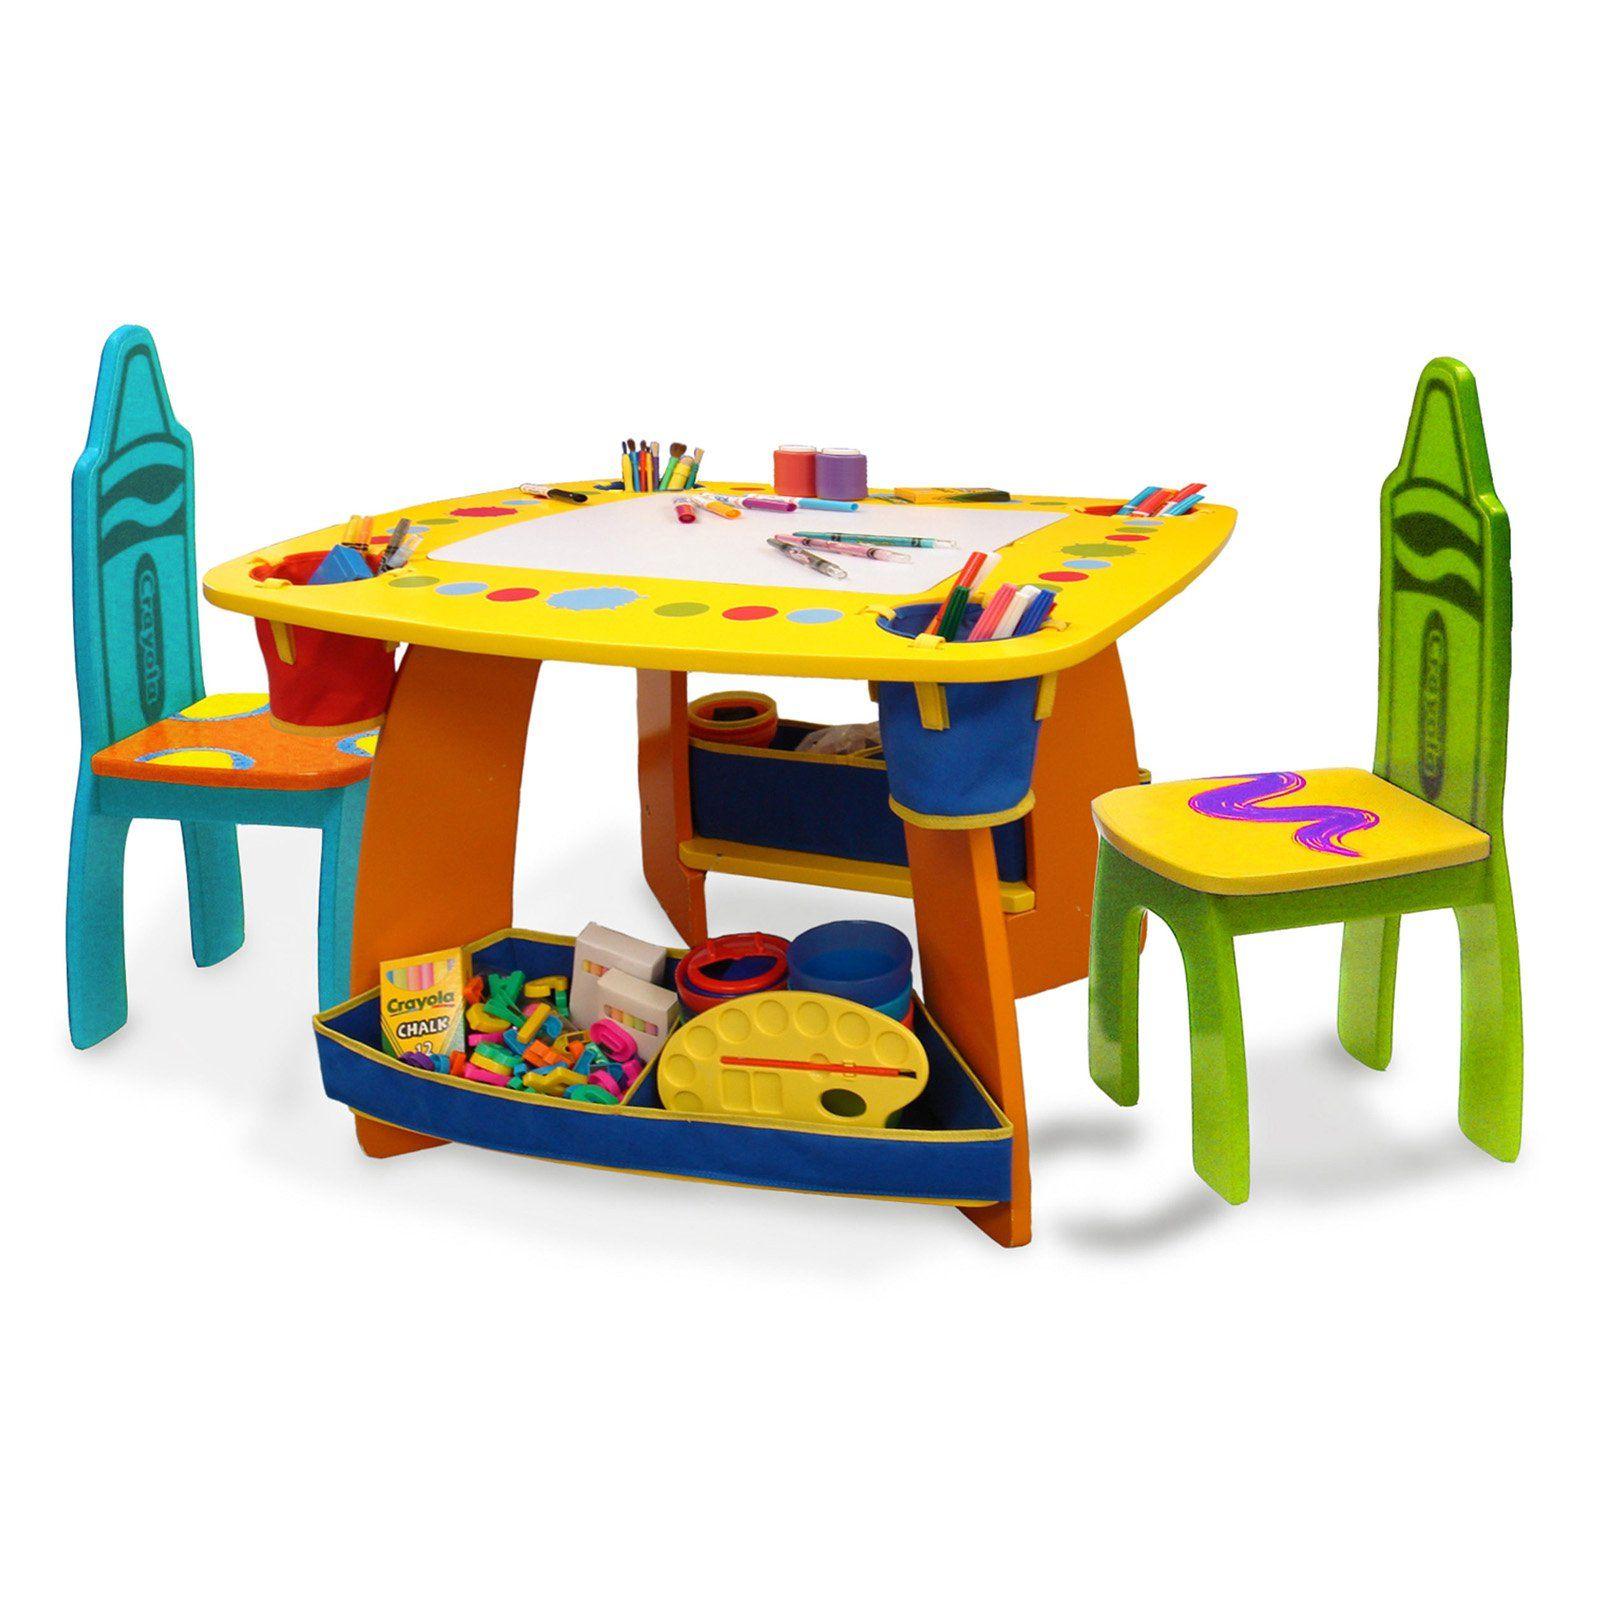 Kinder Tisch Und Stuhl Stuhle Pinterest Stuhle Kleinkind